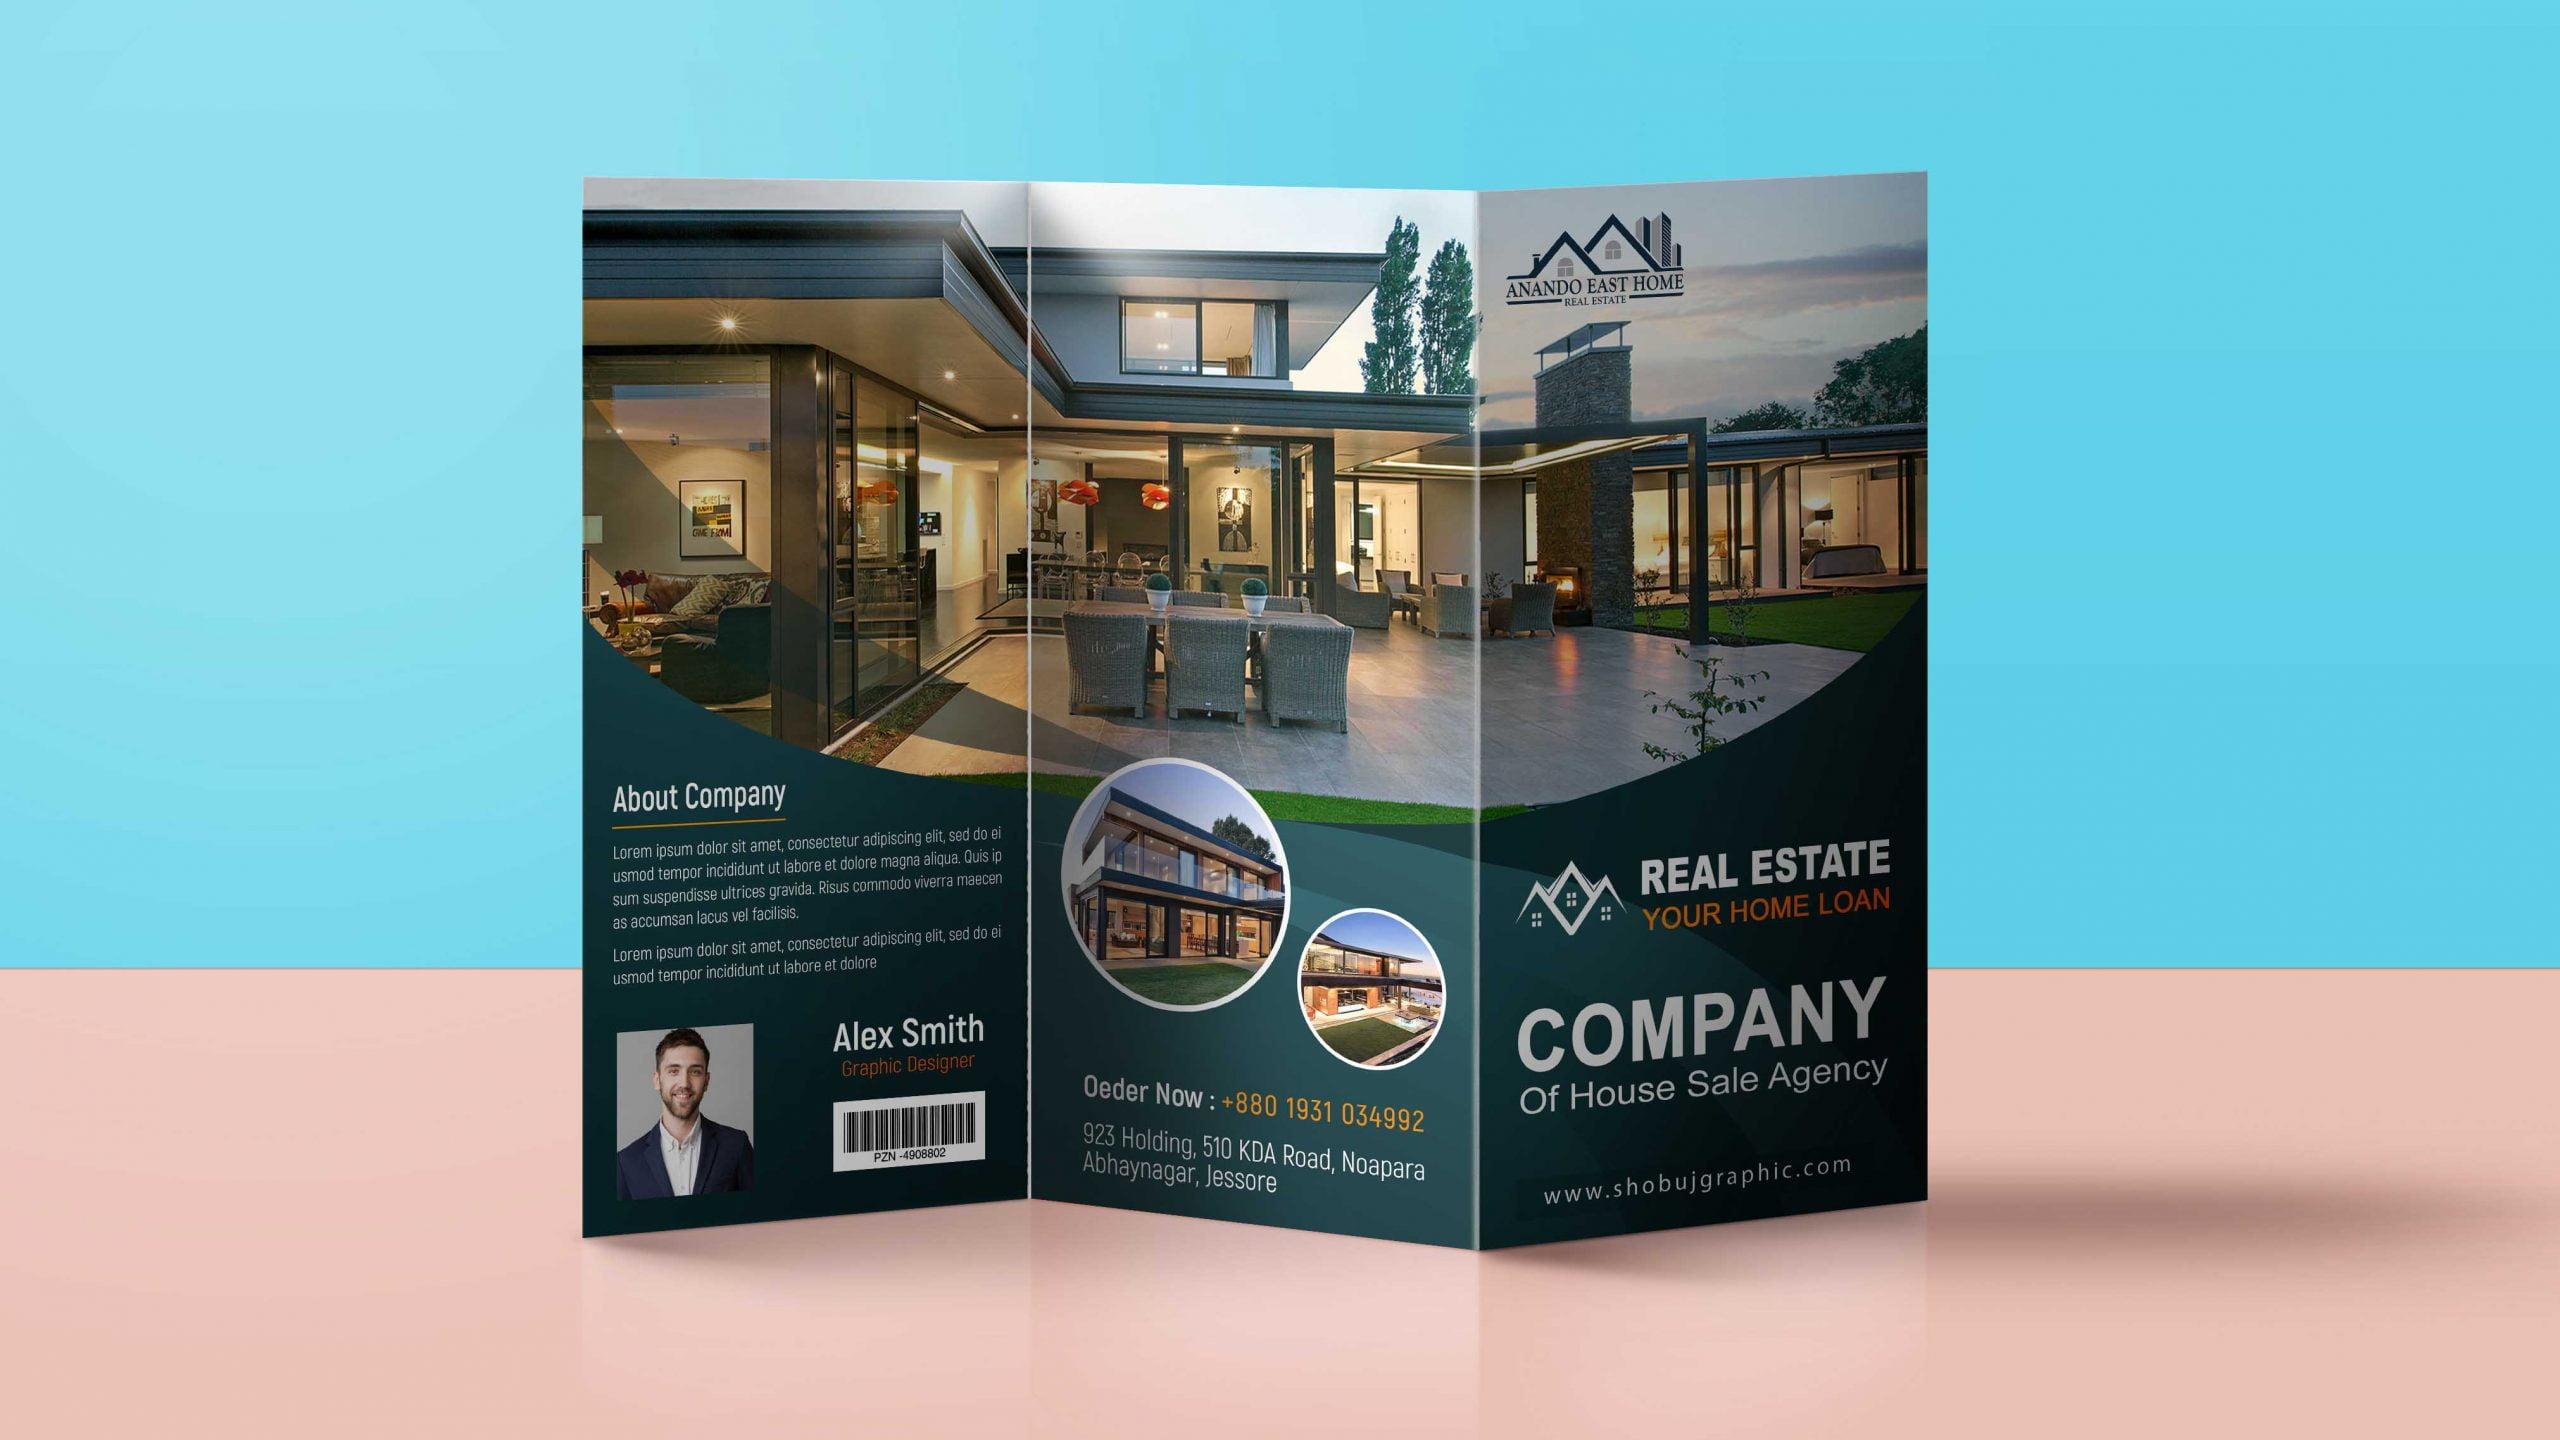 Real Estate Brochure Design Template psd